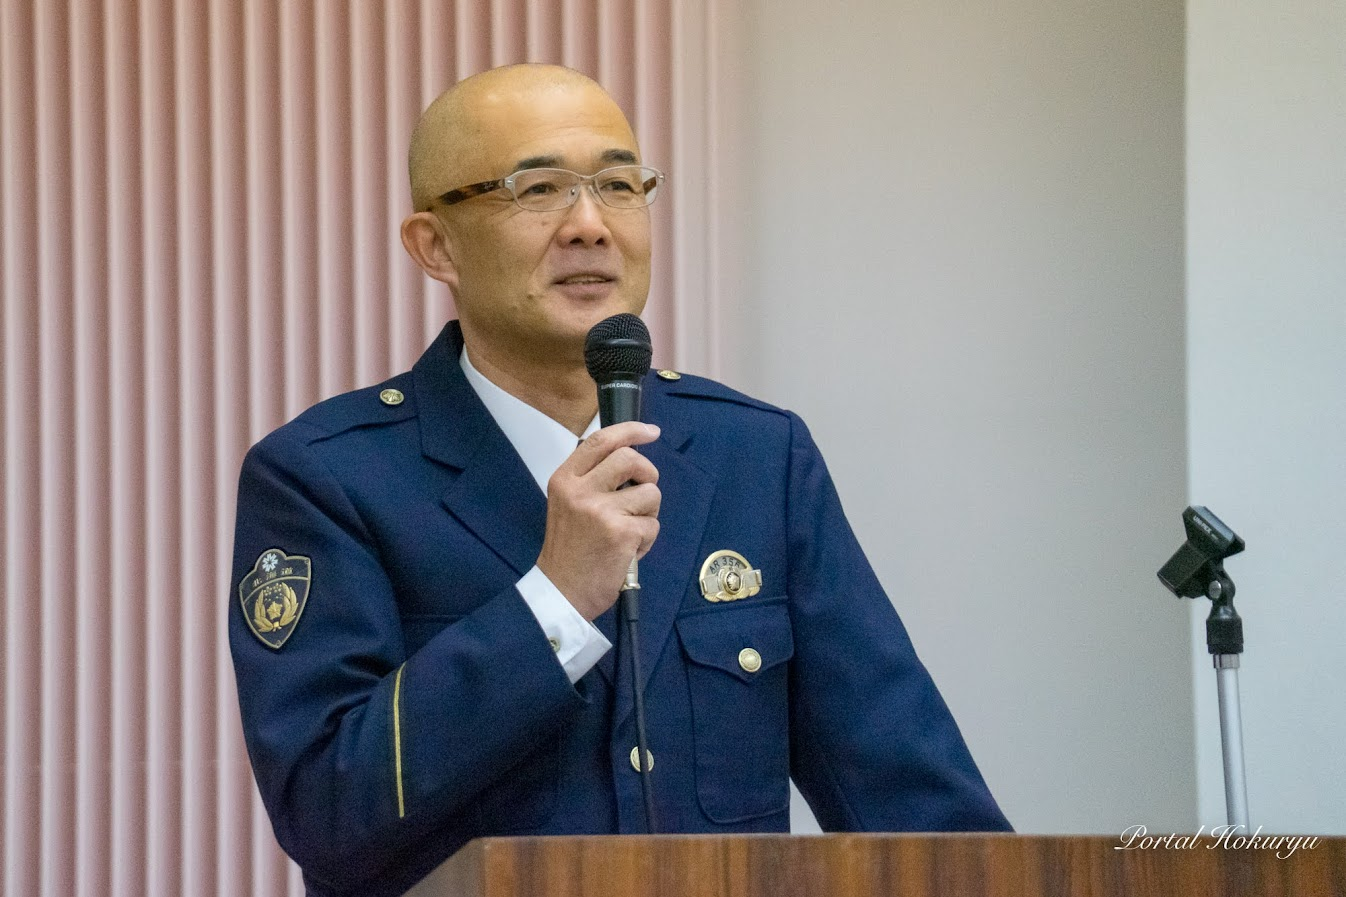 北海道警察深川警察署和駐在所 警部補 富所秀樹 所長